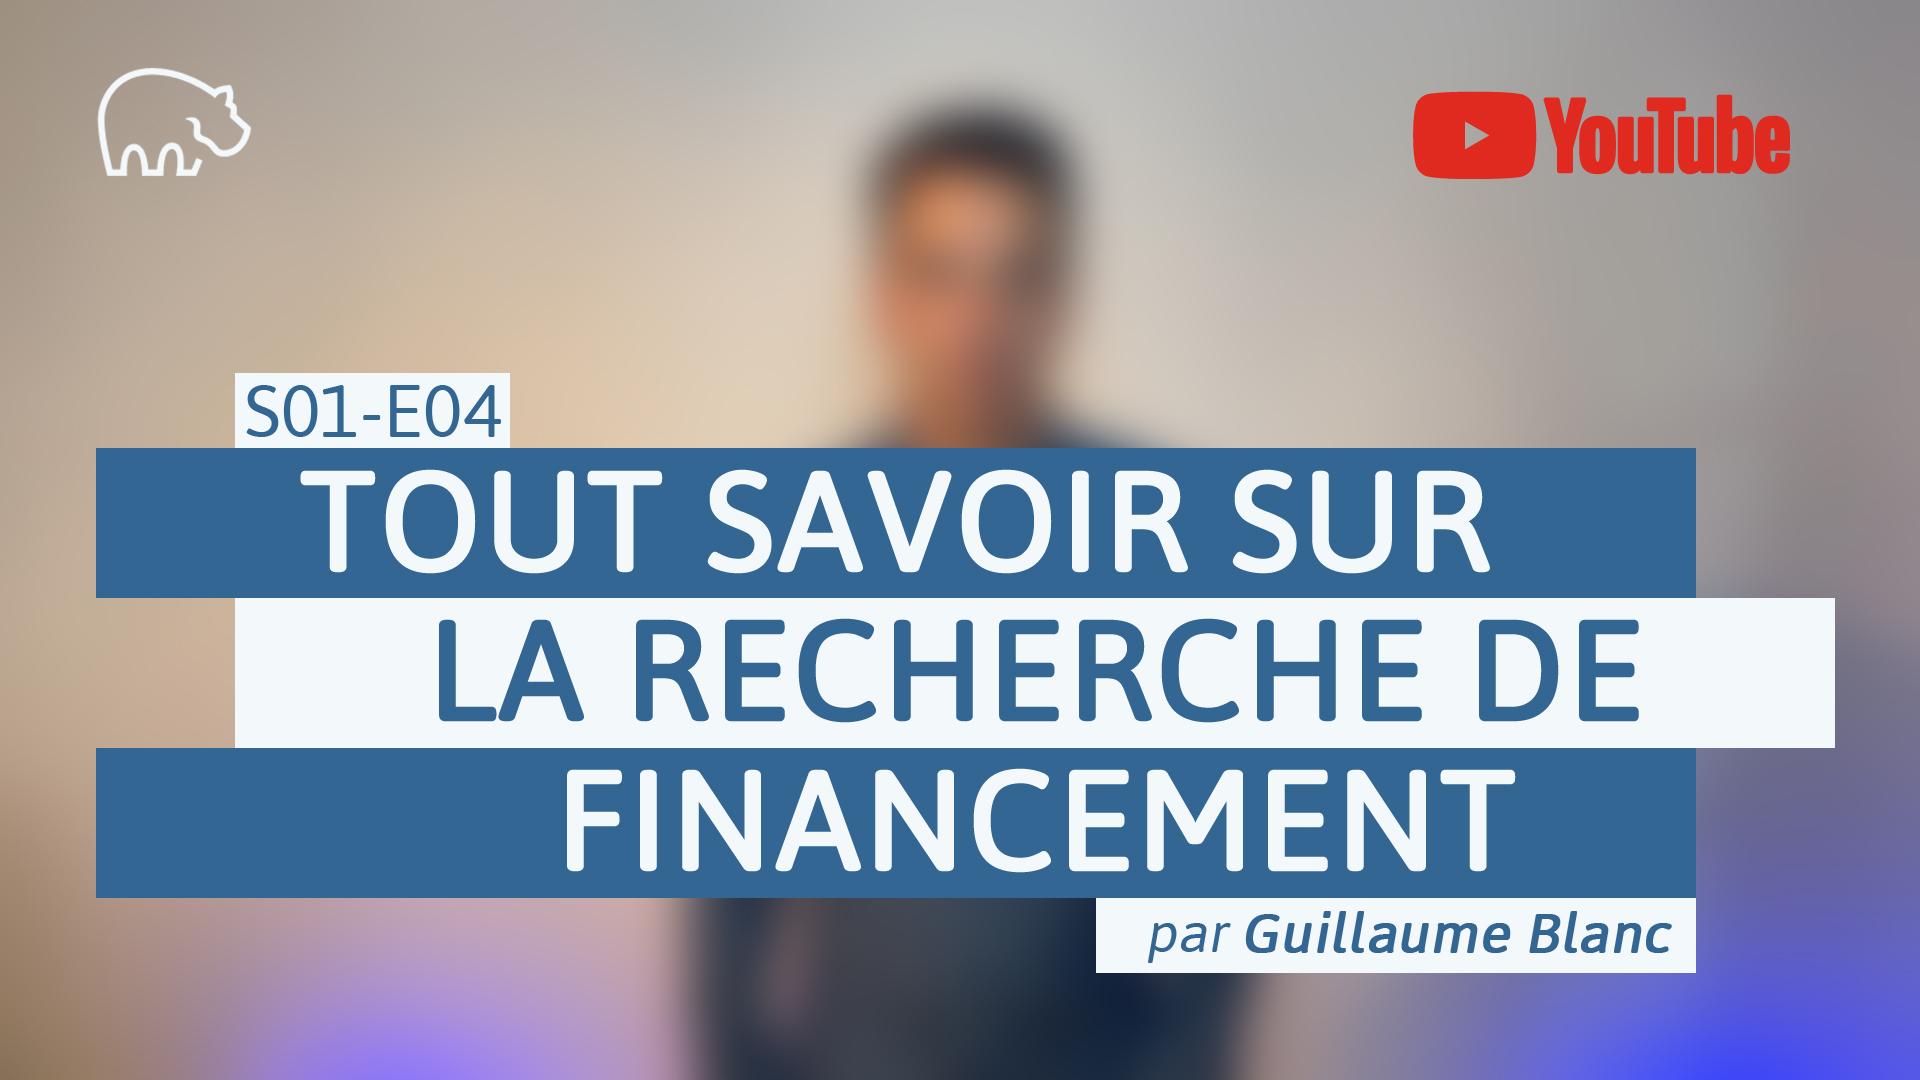 Bannière illustration - ImmoPotamTV - YouTube - Guillaume Blanc - S01-E04 - Tout savoir sur la recherche de financement